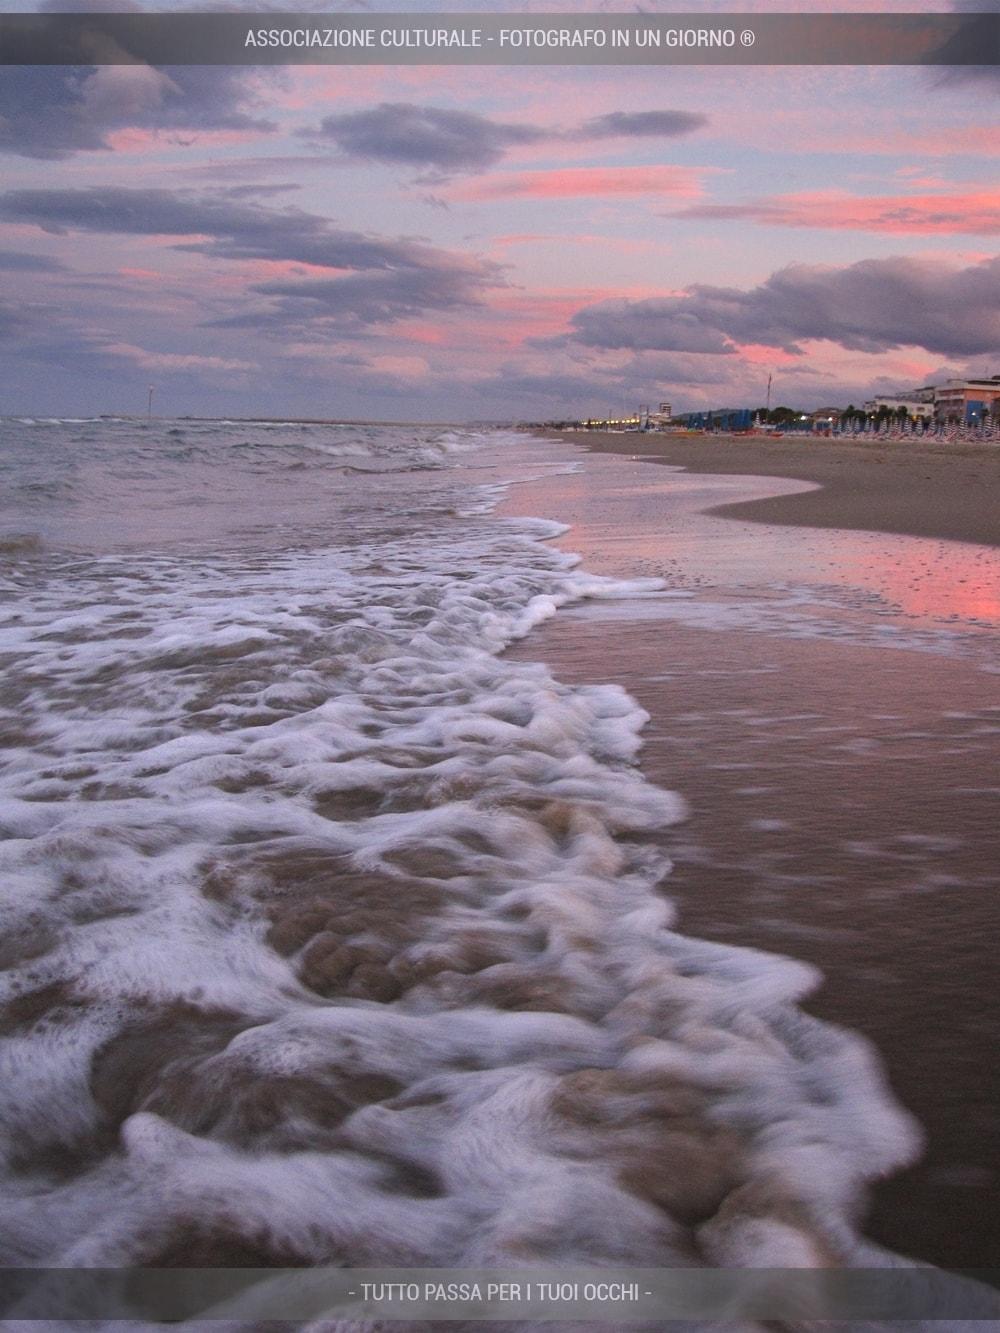 tramonto-sul-mare-base-04-min